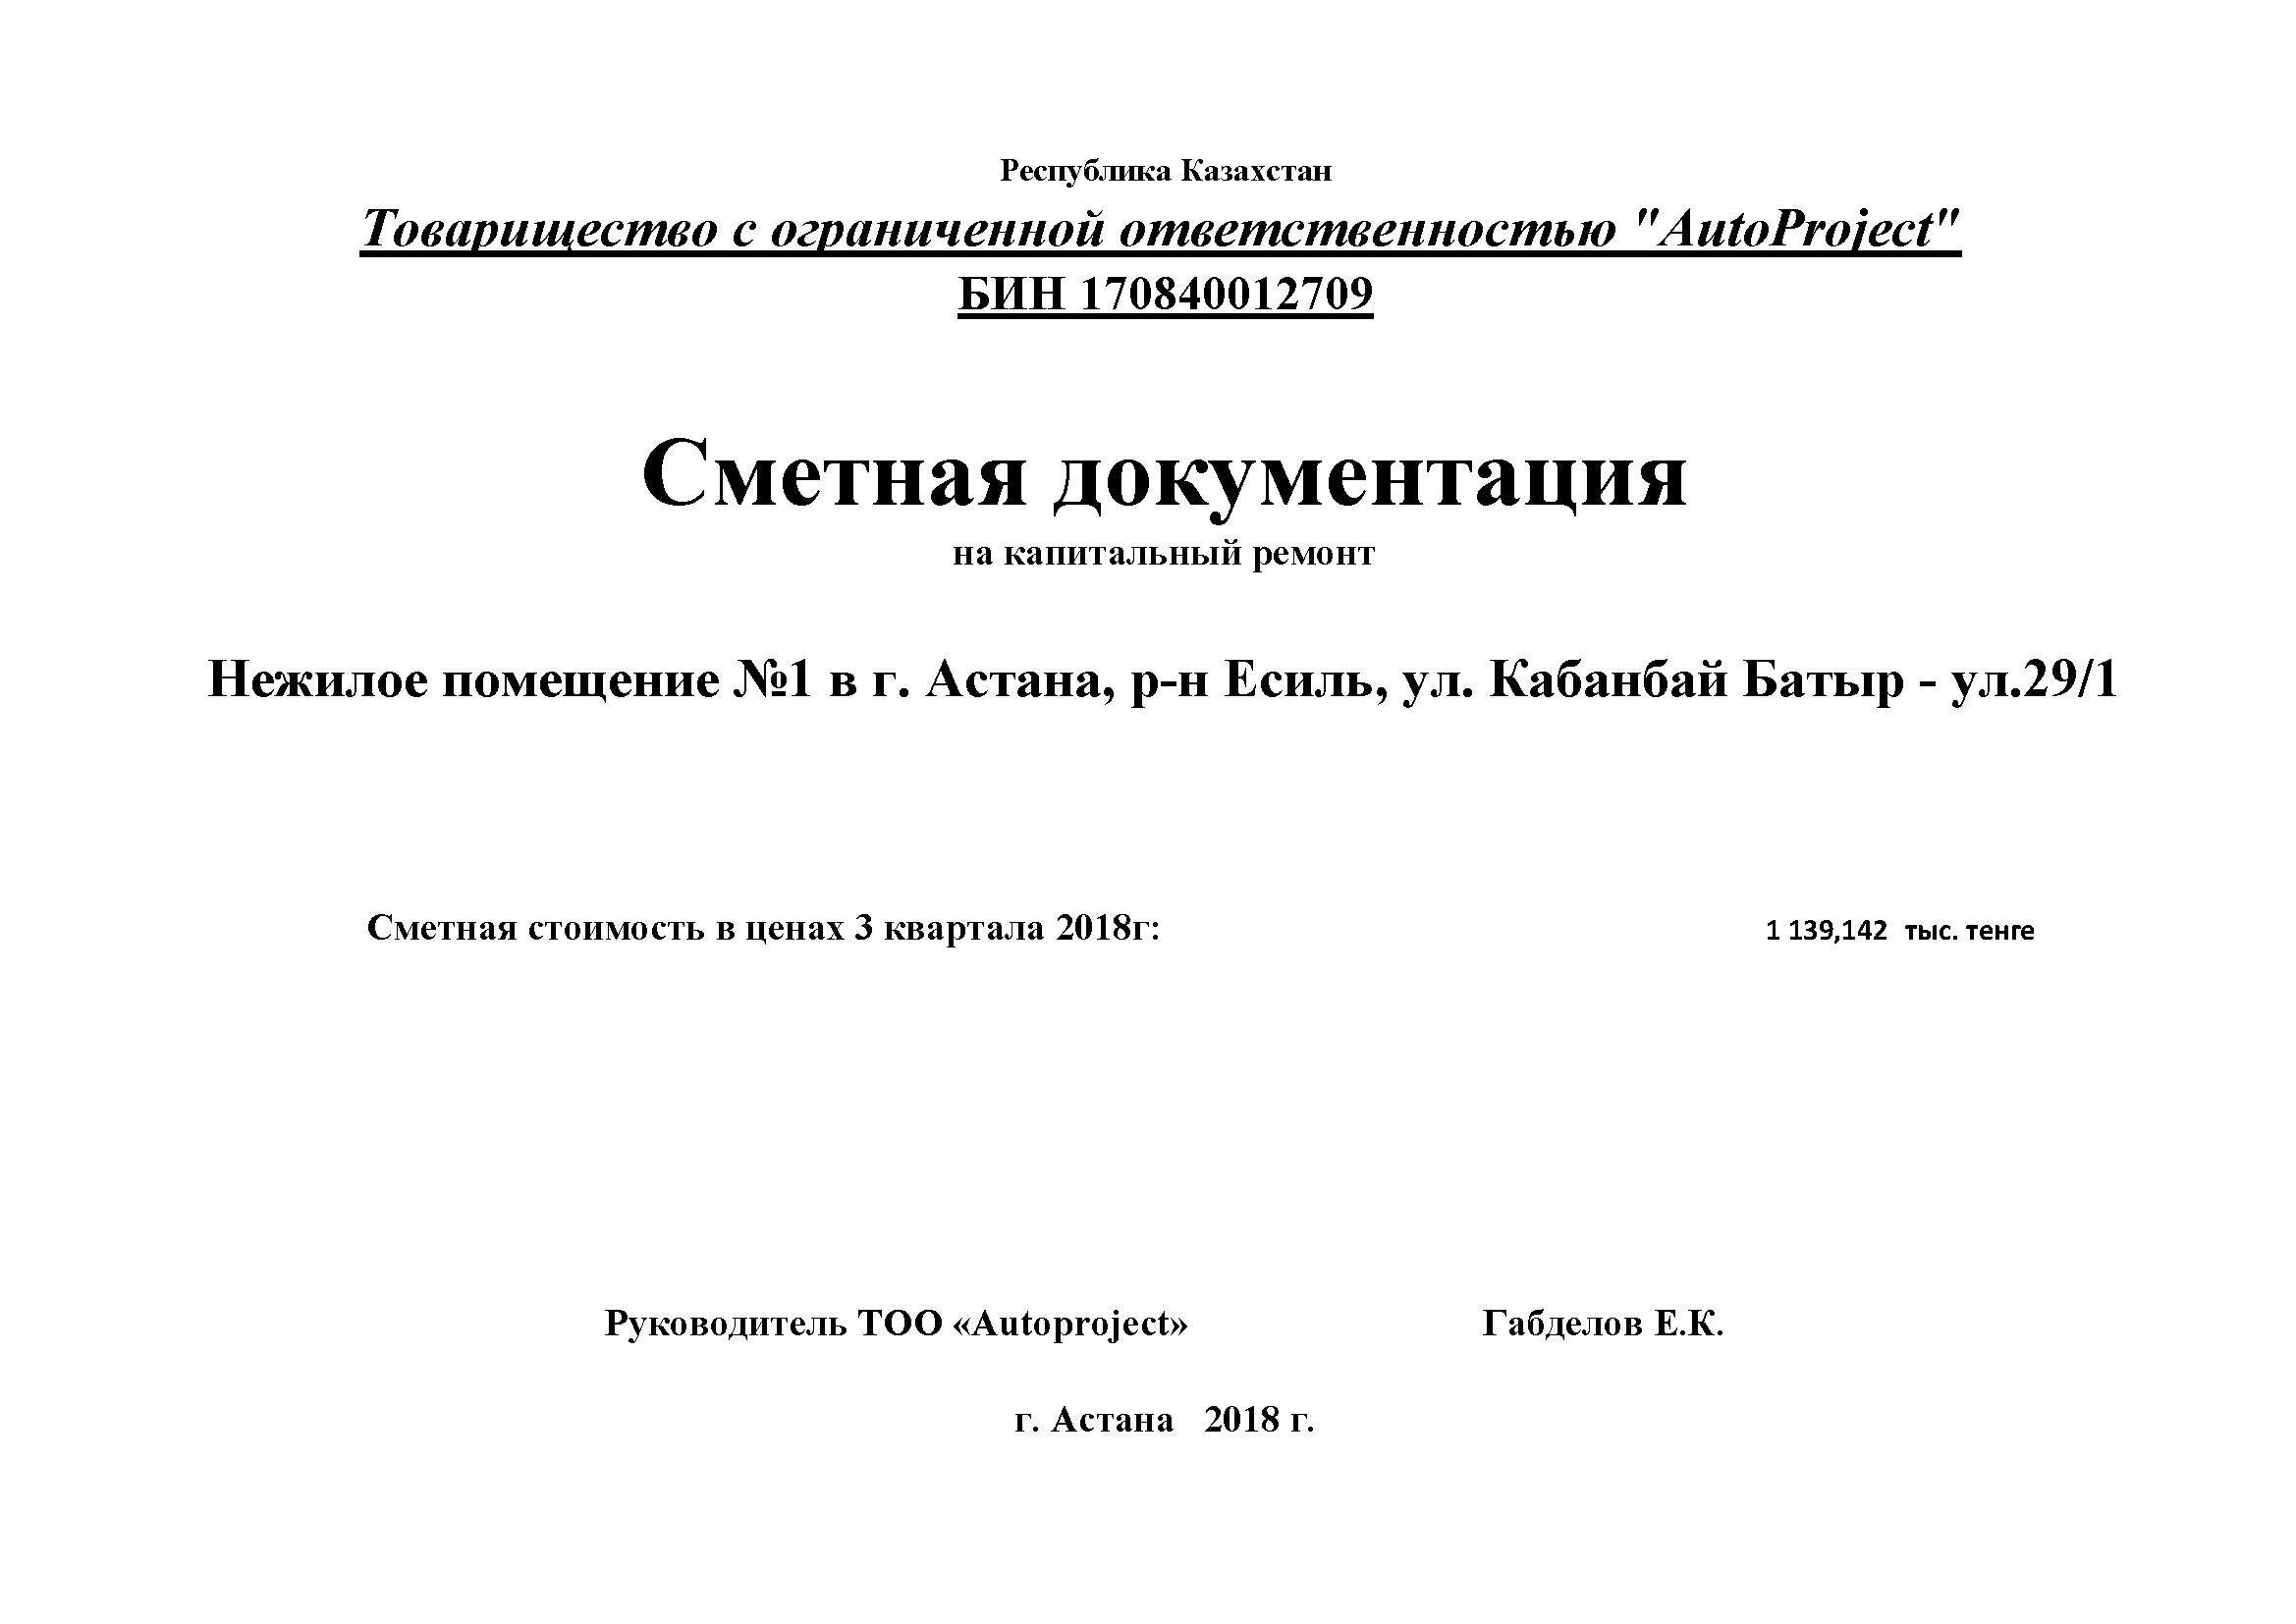 СМЕТА НП №1 1